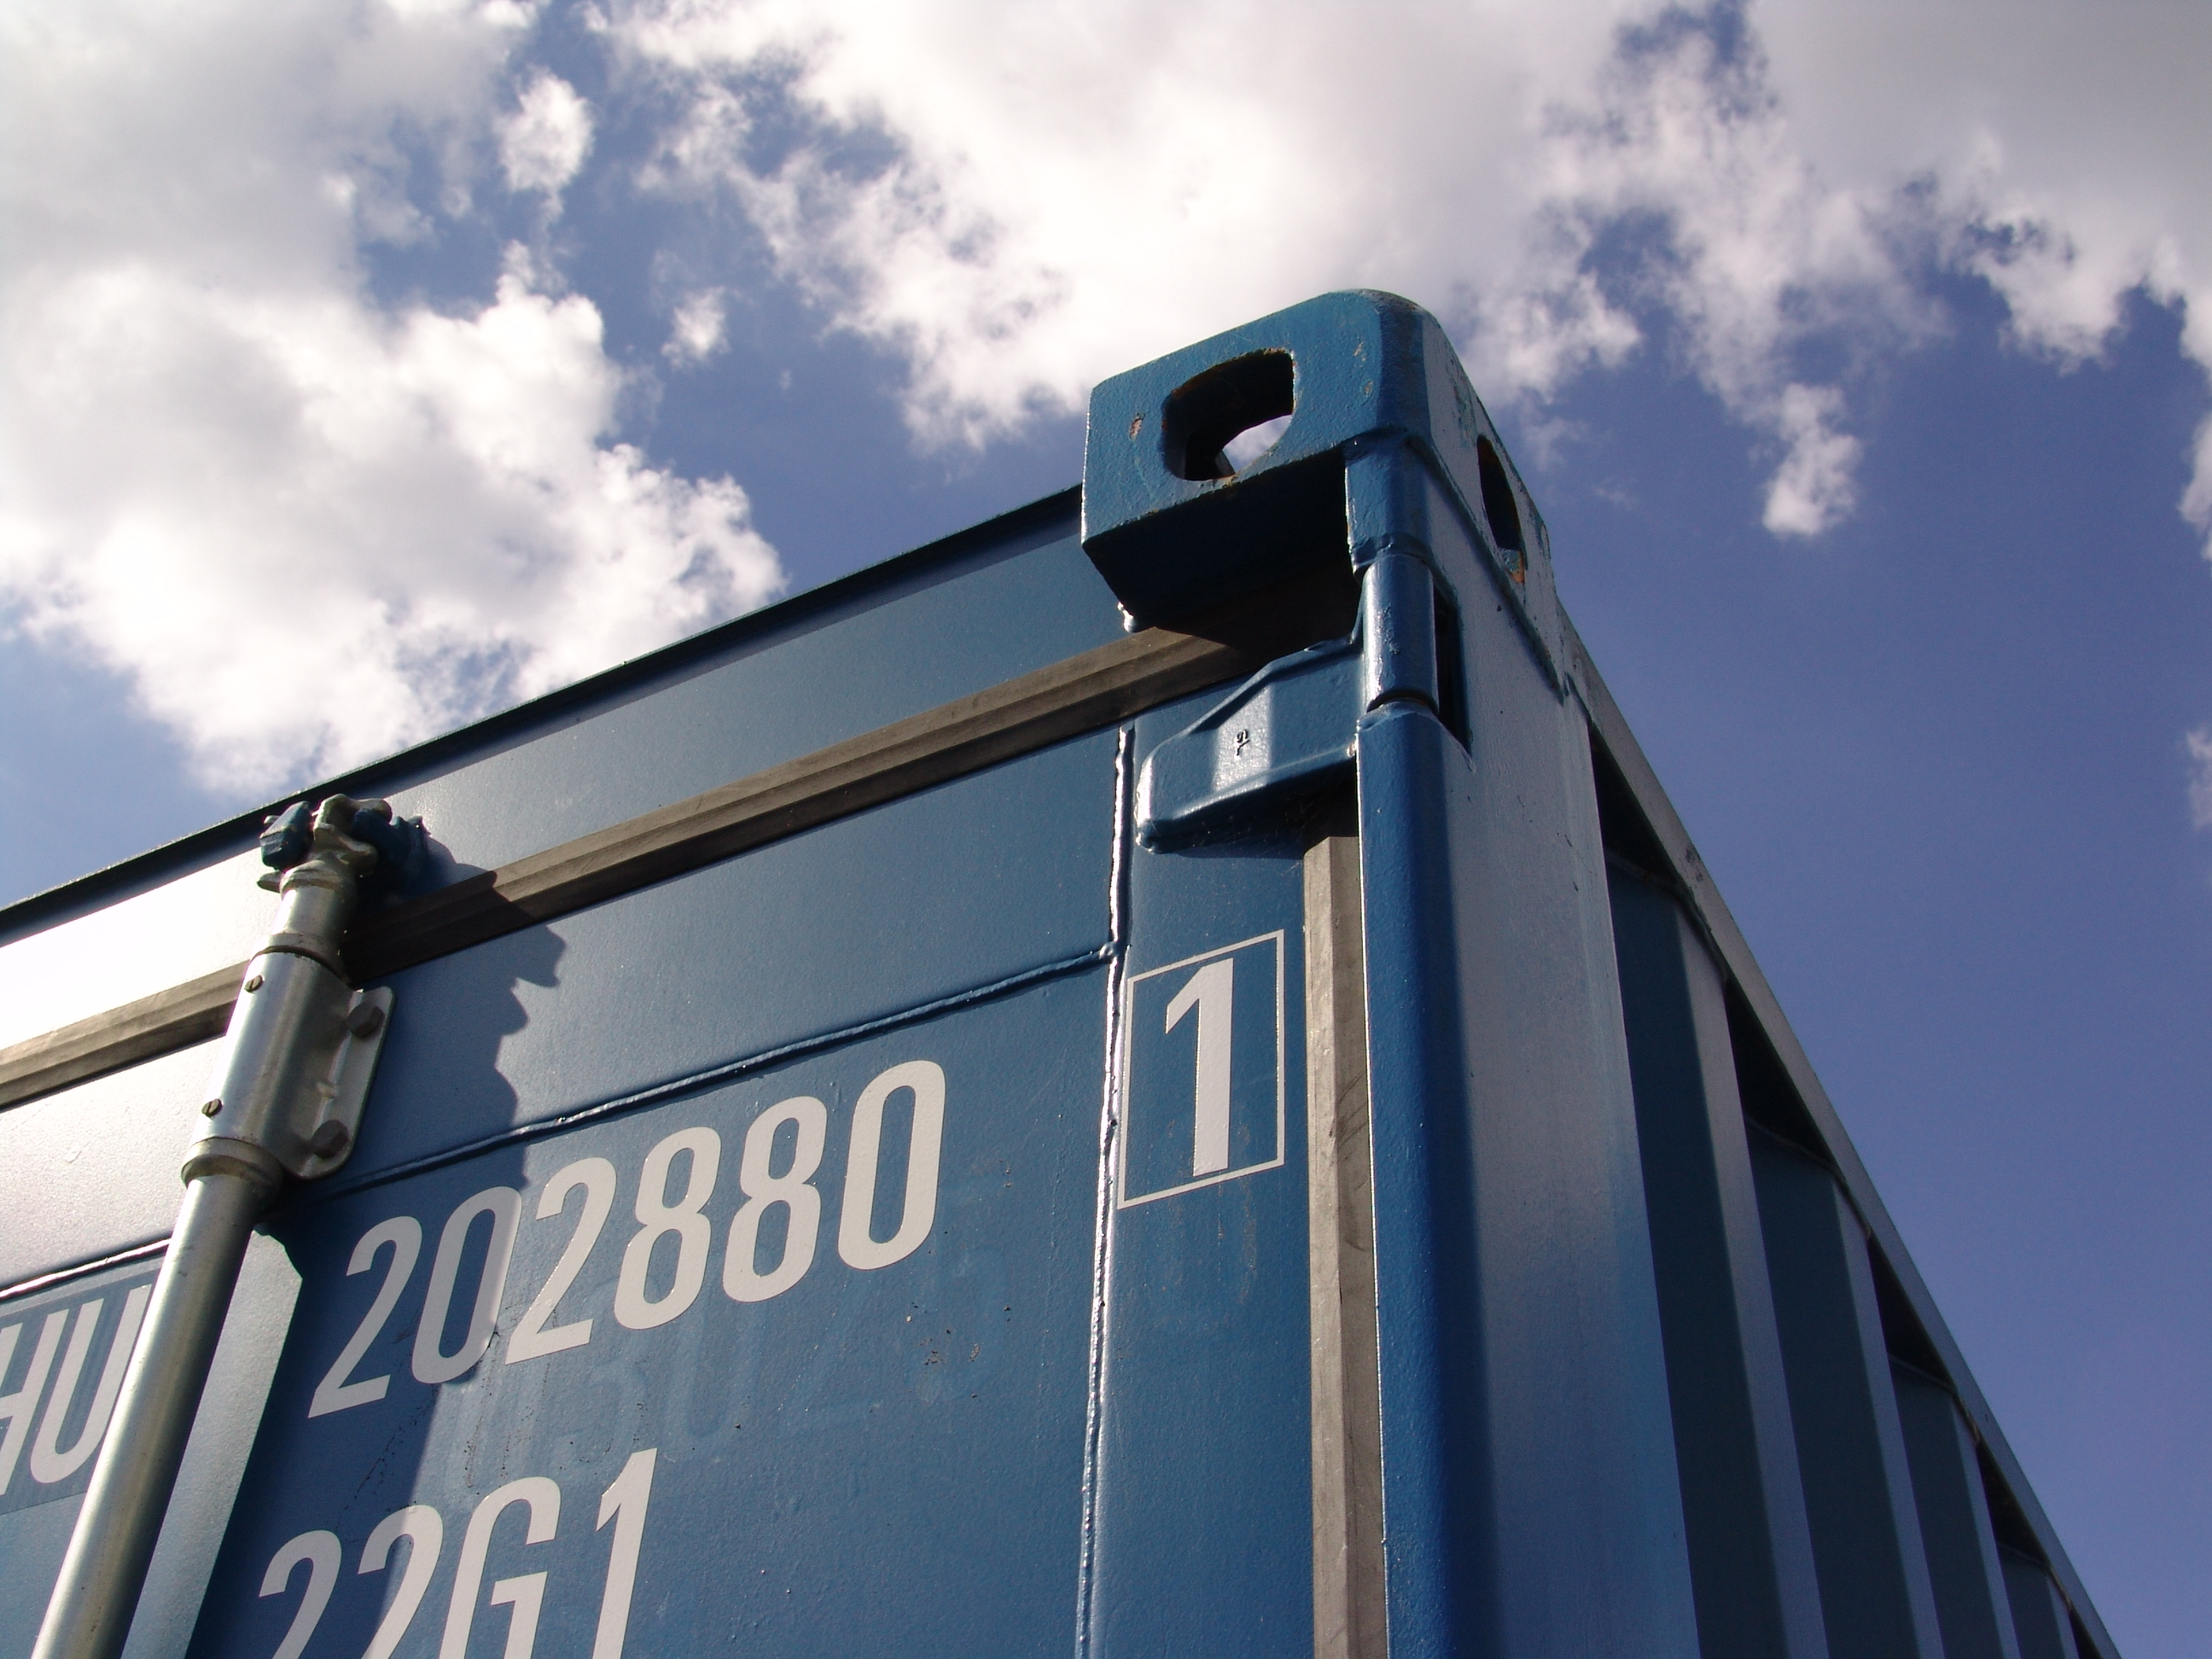 Container - Bildquelle: Martin Abegglen / flickr.com